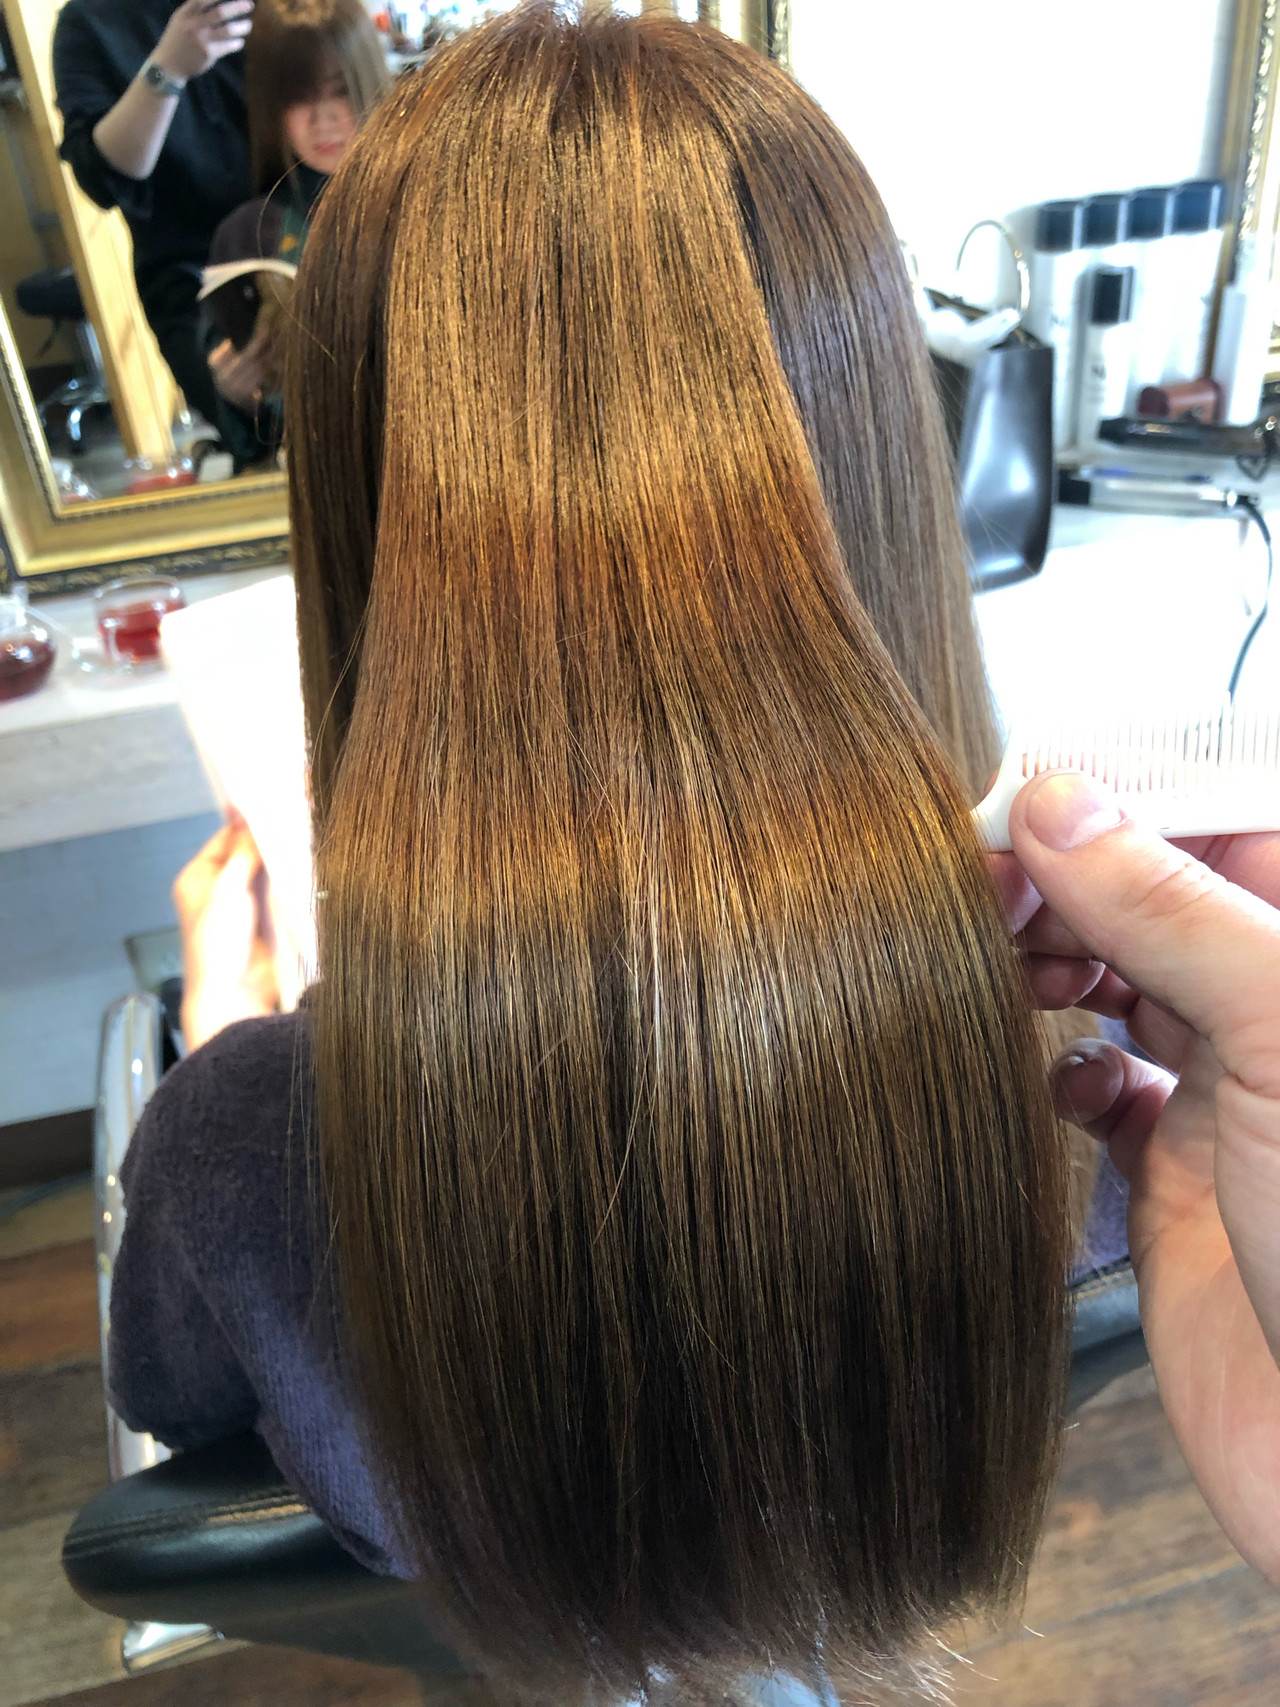 縮毛矯正 髪質改善 ロング ナチュラル ヘアスタイルや髪型の写真・画像